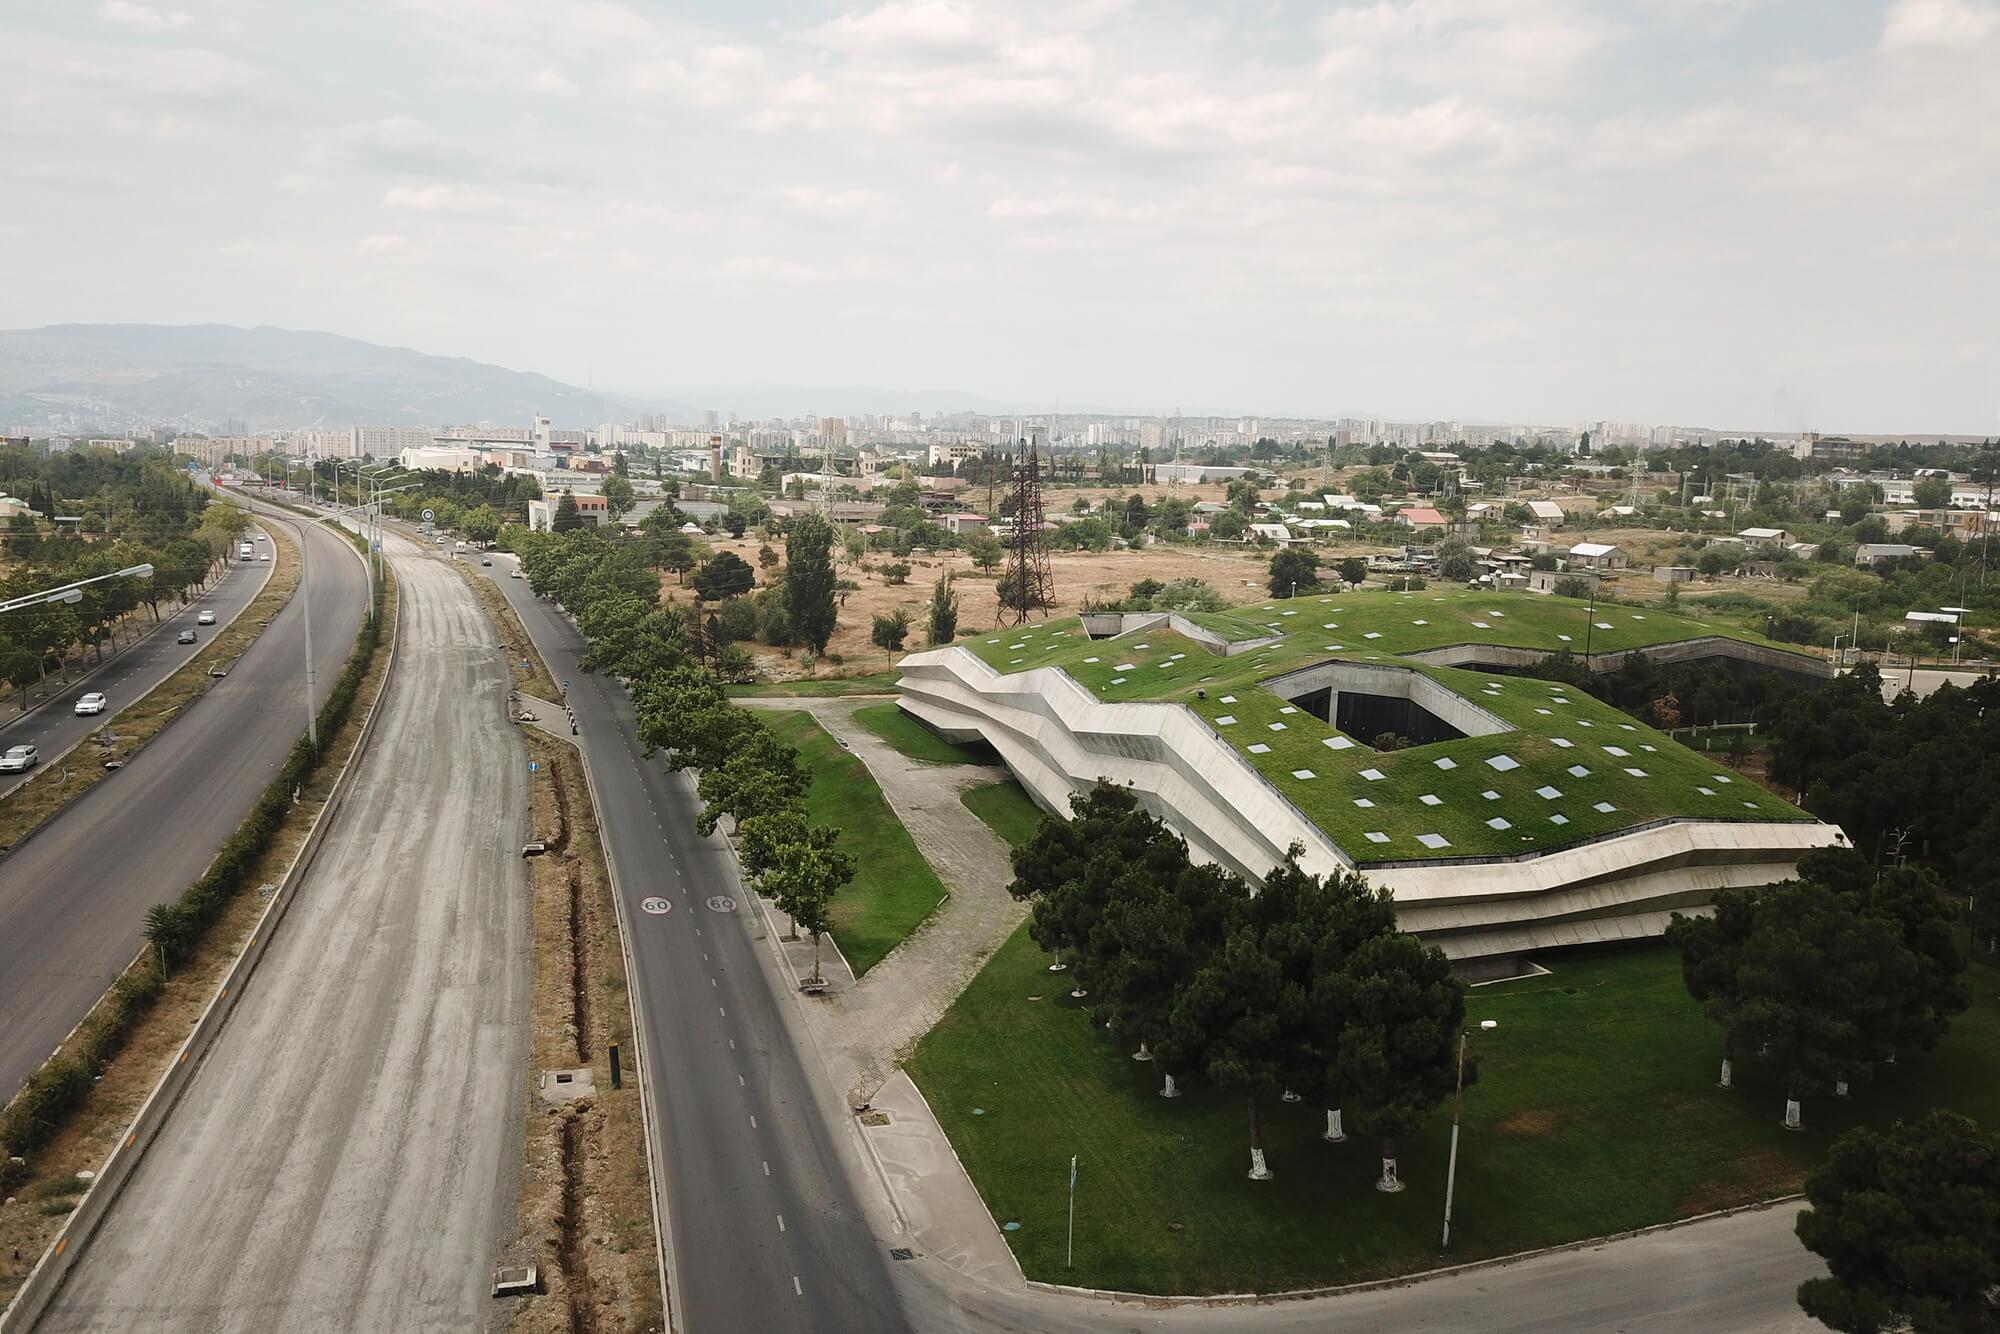 Coffee Production Plant Khmaladze Architects 13